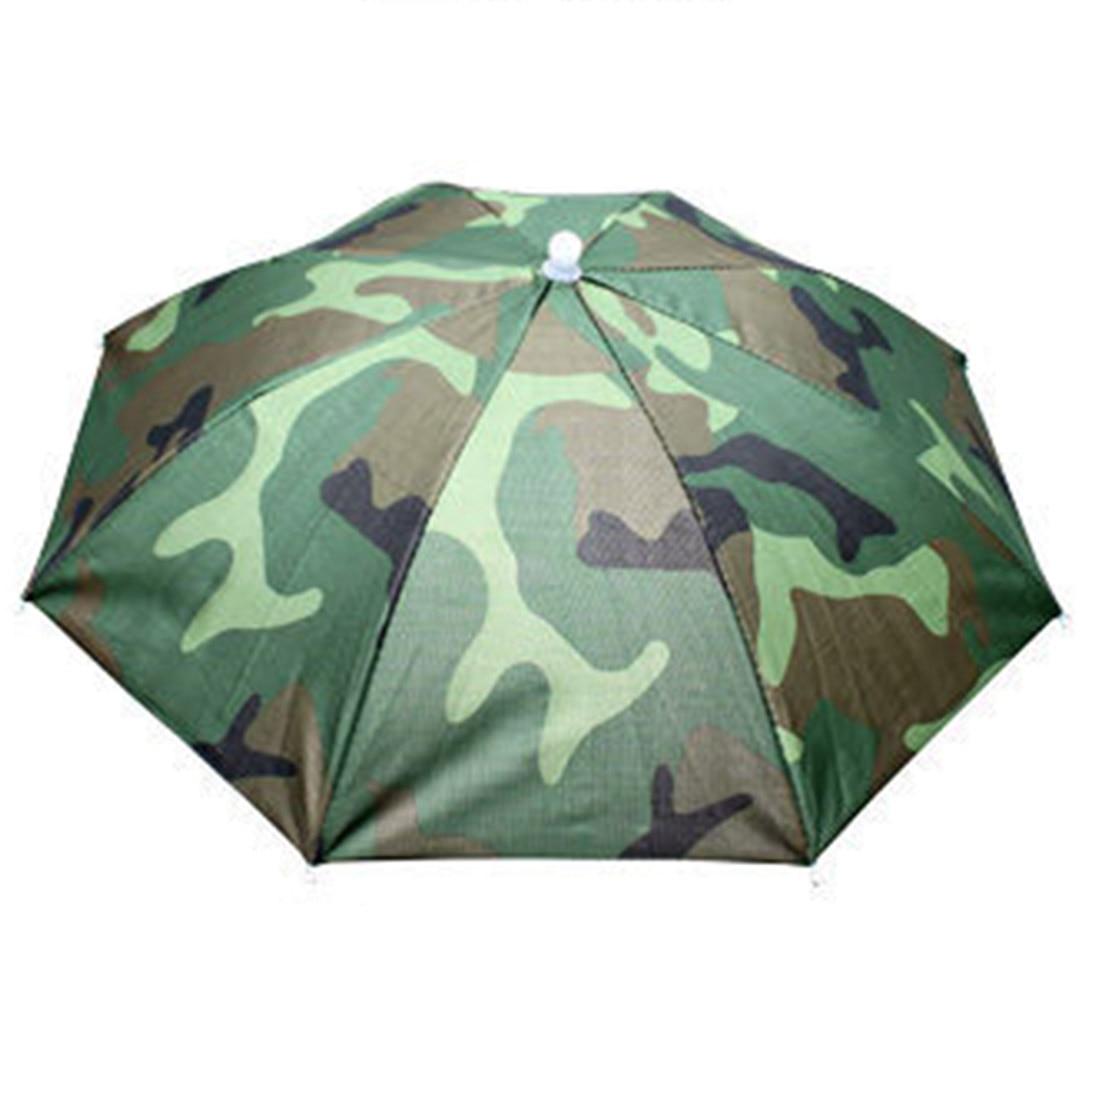 Դյուրակիր ծալովի անձրևի հարմարանք Ձկնորսական գլխարկ Ականջակալներ ՝ անձրևանոց ՝ ձկնորսության համար լողափի գլխարկով գլխարկի գլխարկներ բացօթյա ճամբարային սարքավորումներ